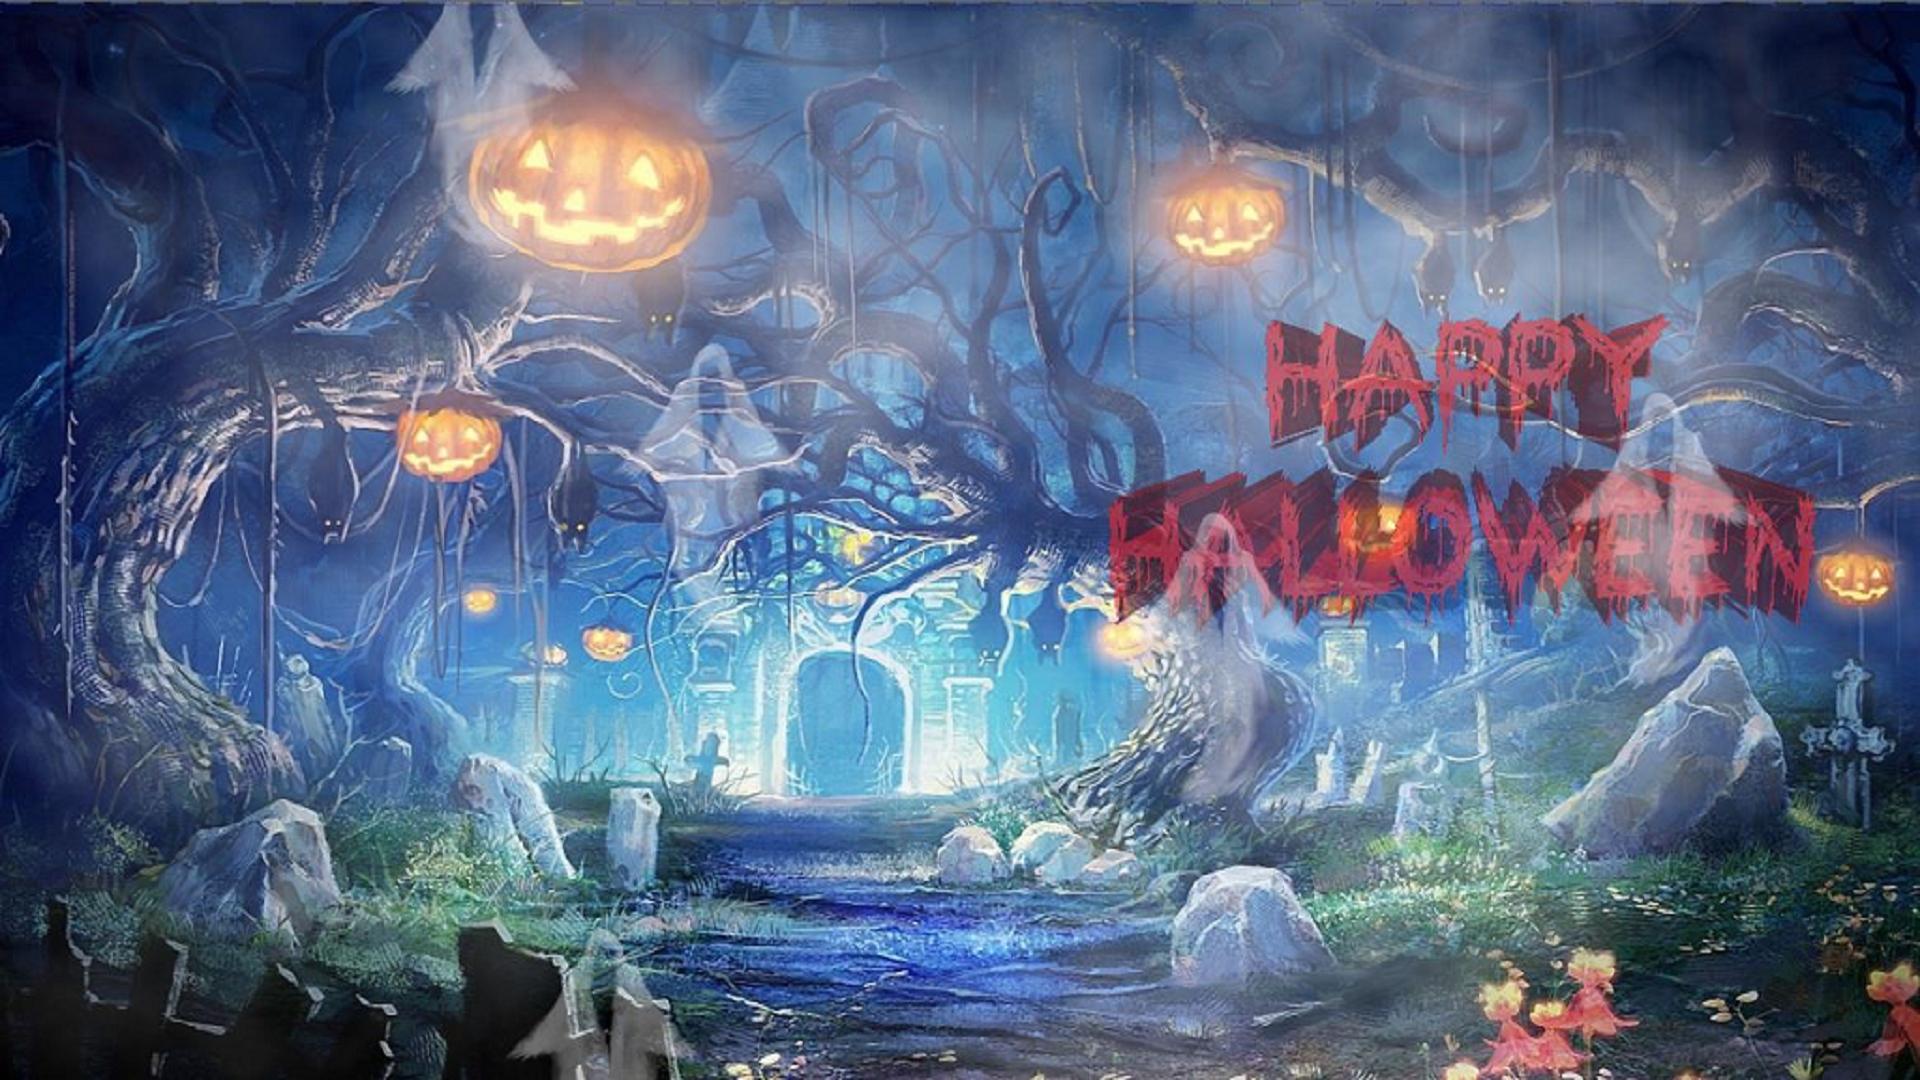 Happy Halloween [Download] (Screensaver Halloween)